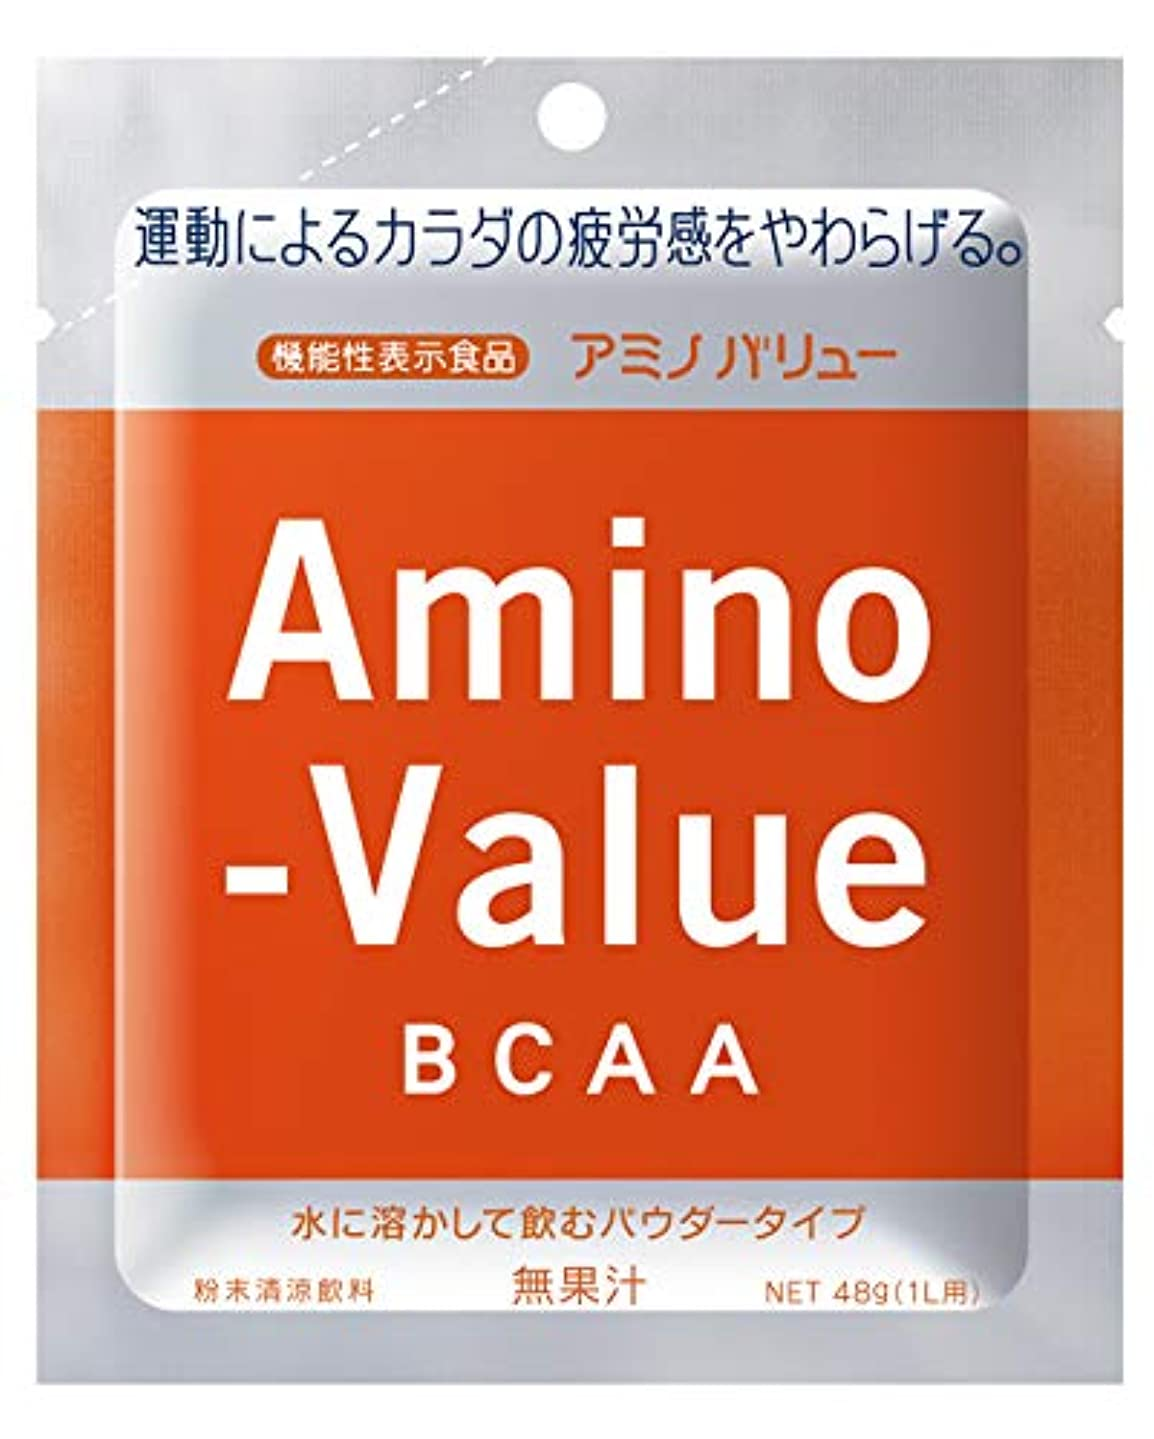 逸話今許可する大塚製薬 アミノバリュー BCAA パウダー8000 1L用 (48G)×5袋×20箱 [機能性表示食品]